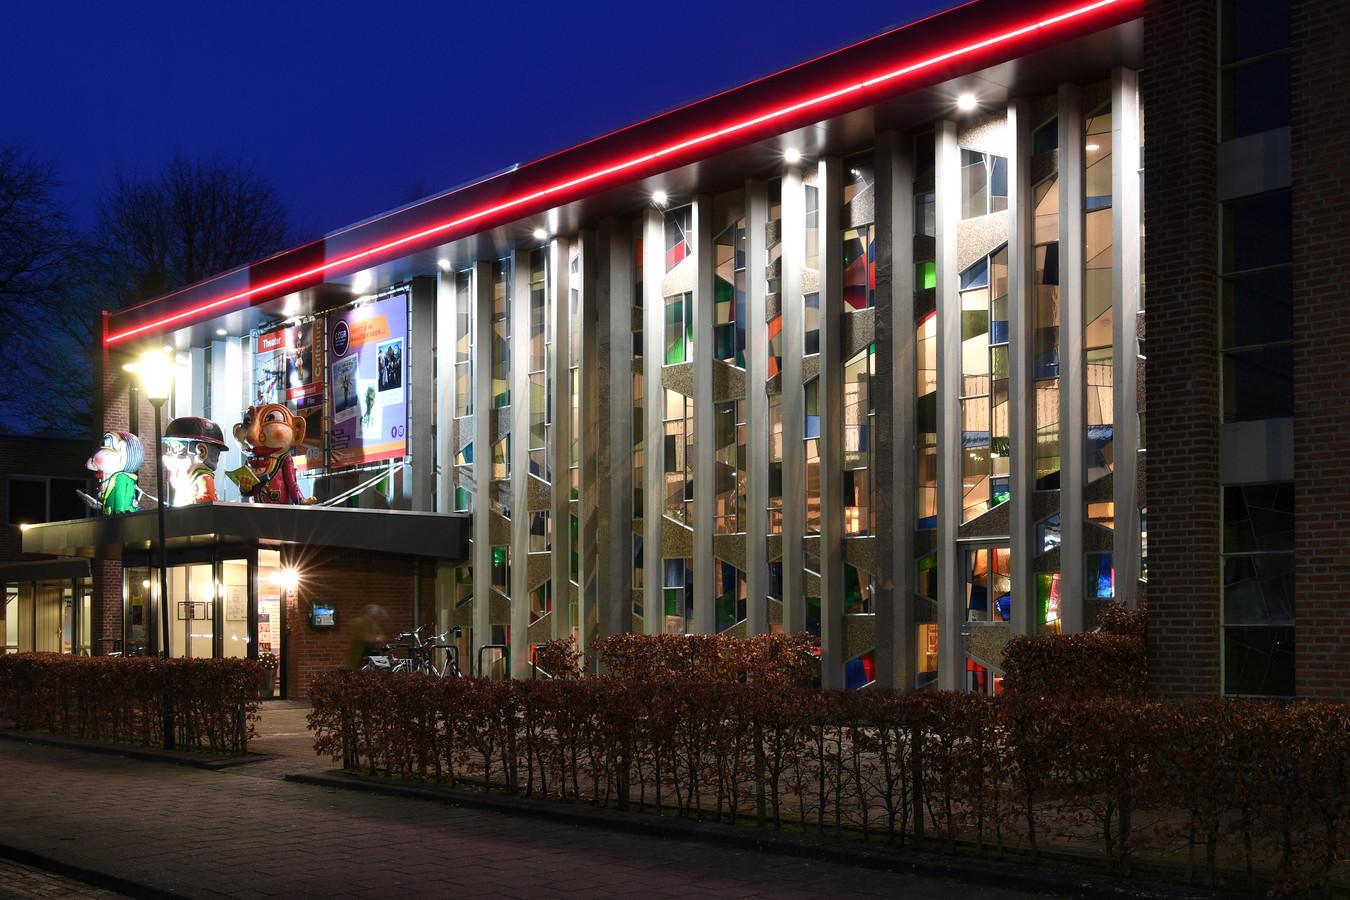 De voorkant van het huidige cultureel centrum De Boodschap in Rijen met zijn glas-in-loodramen.